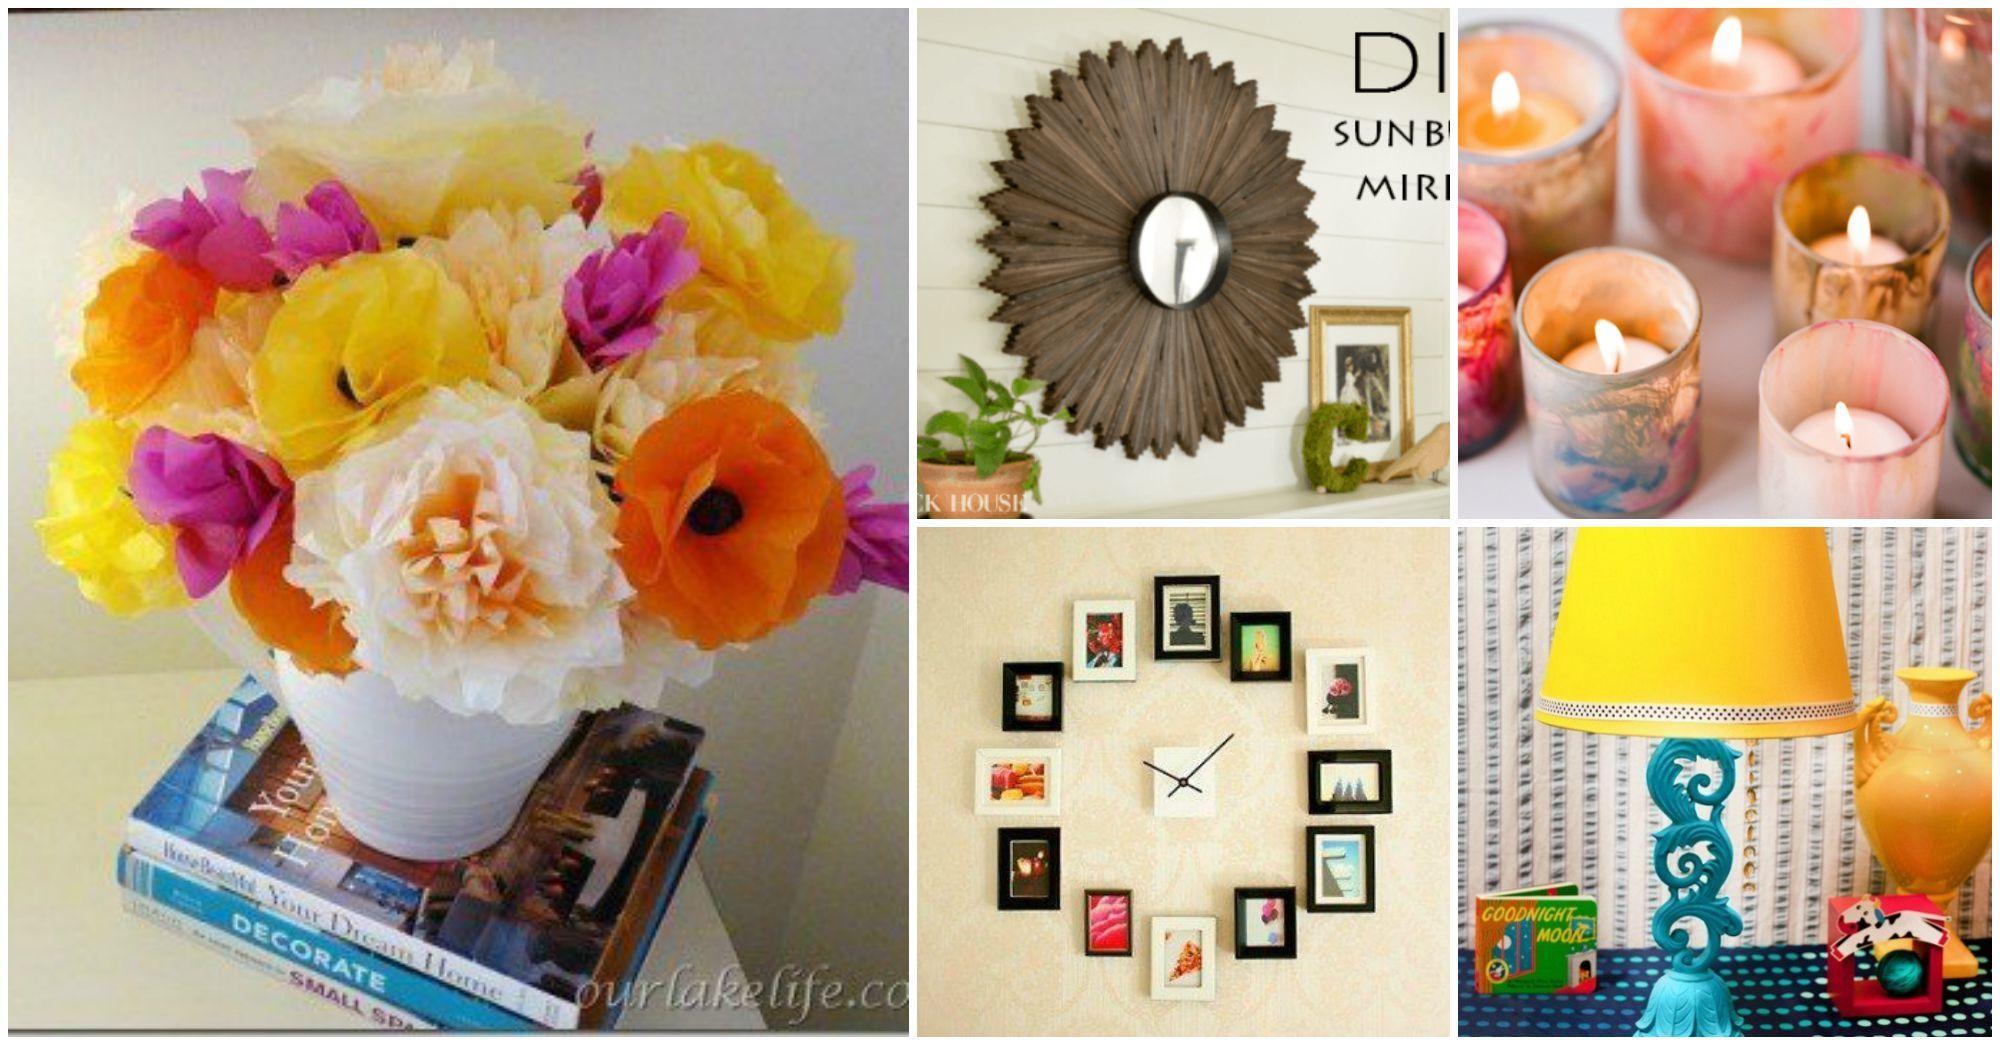 TOP 10 DIY Bedroom Decorating Ideas